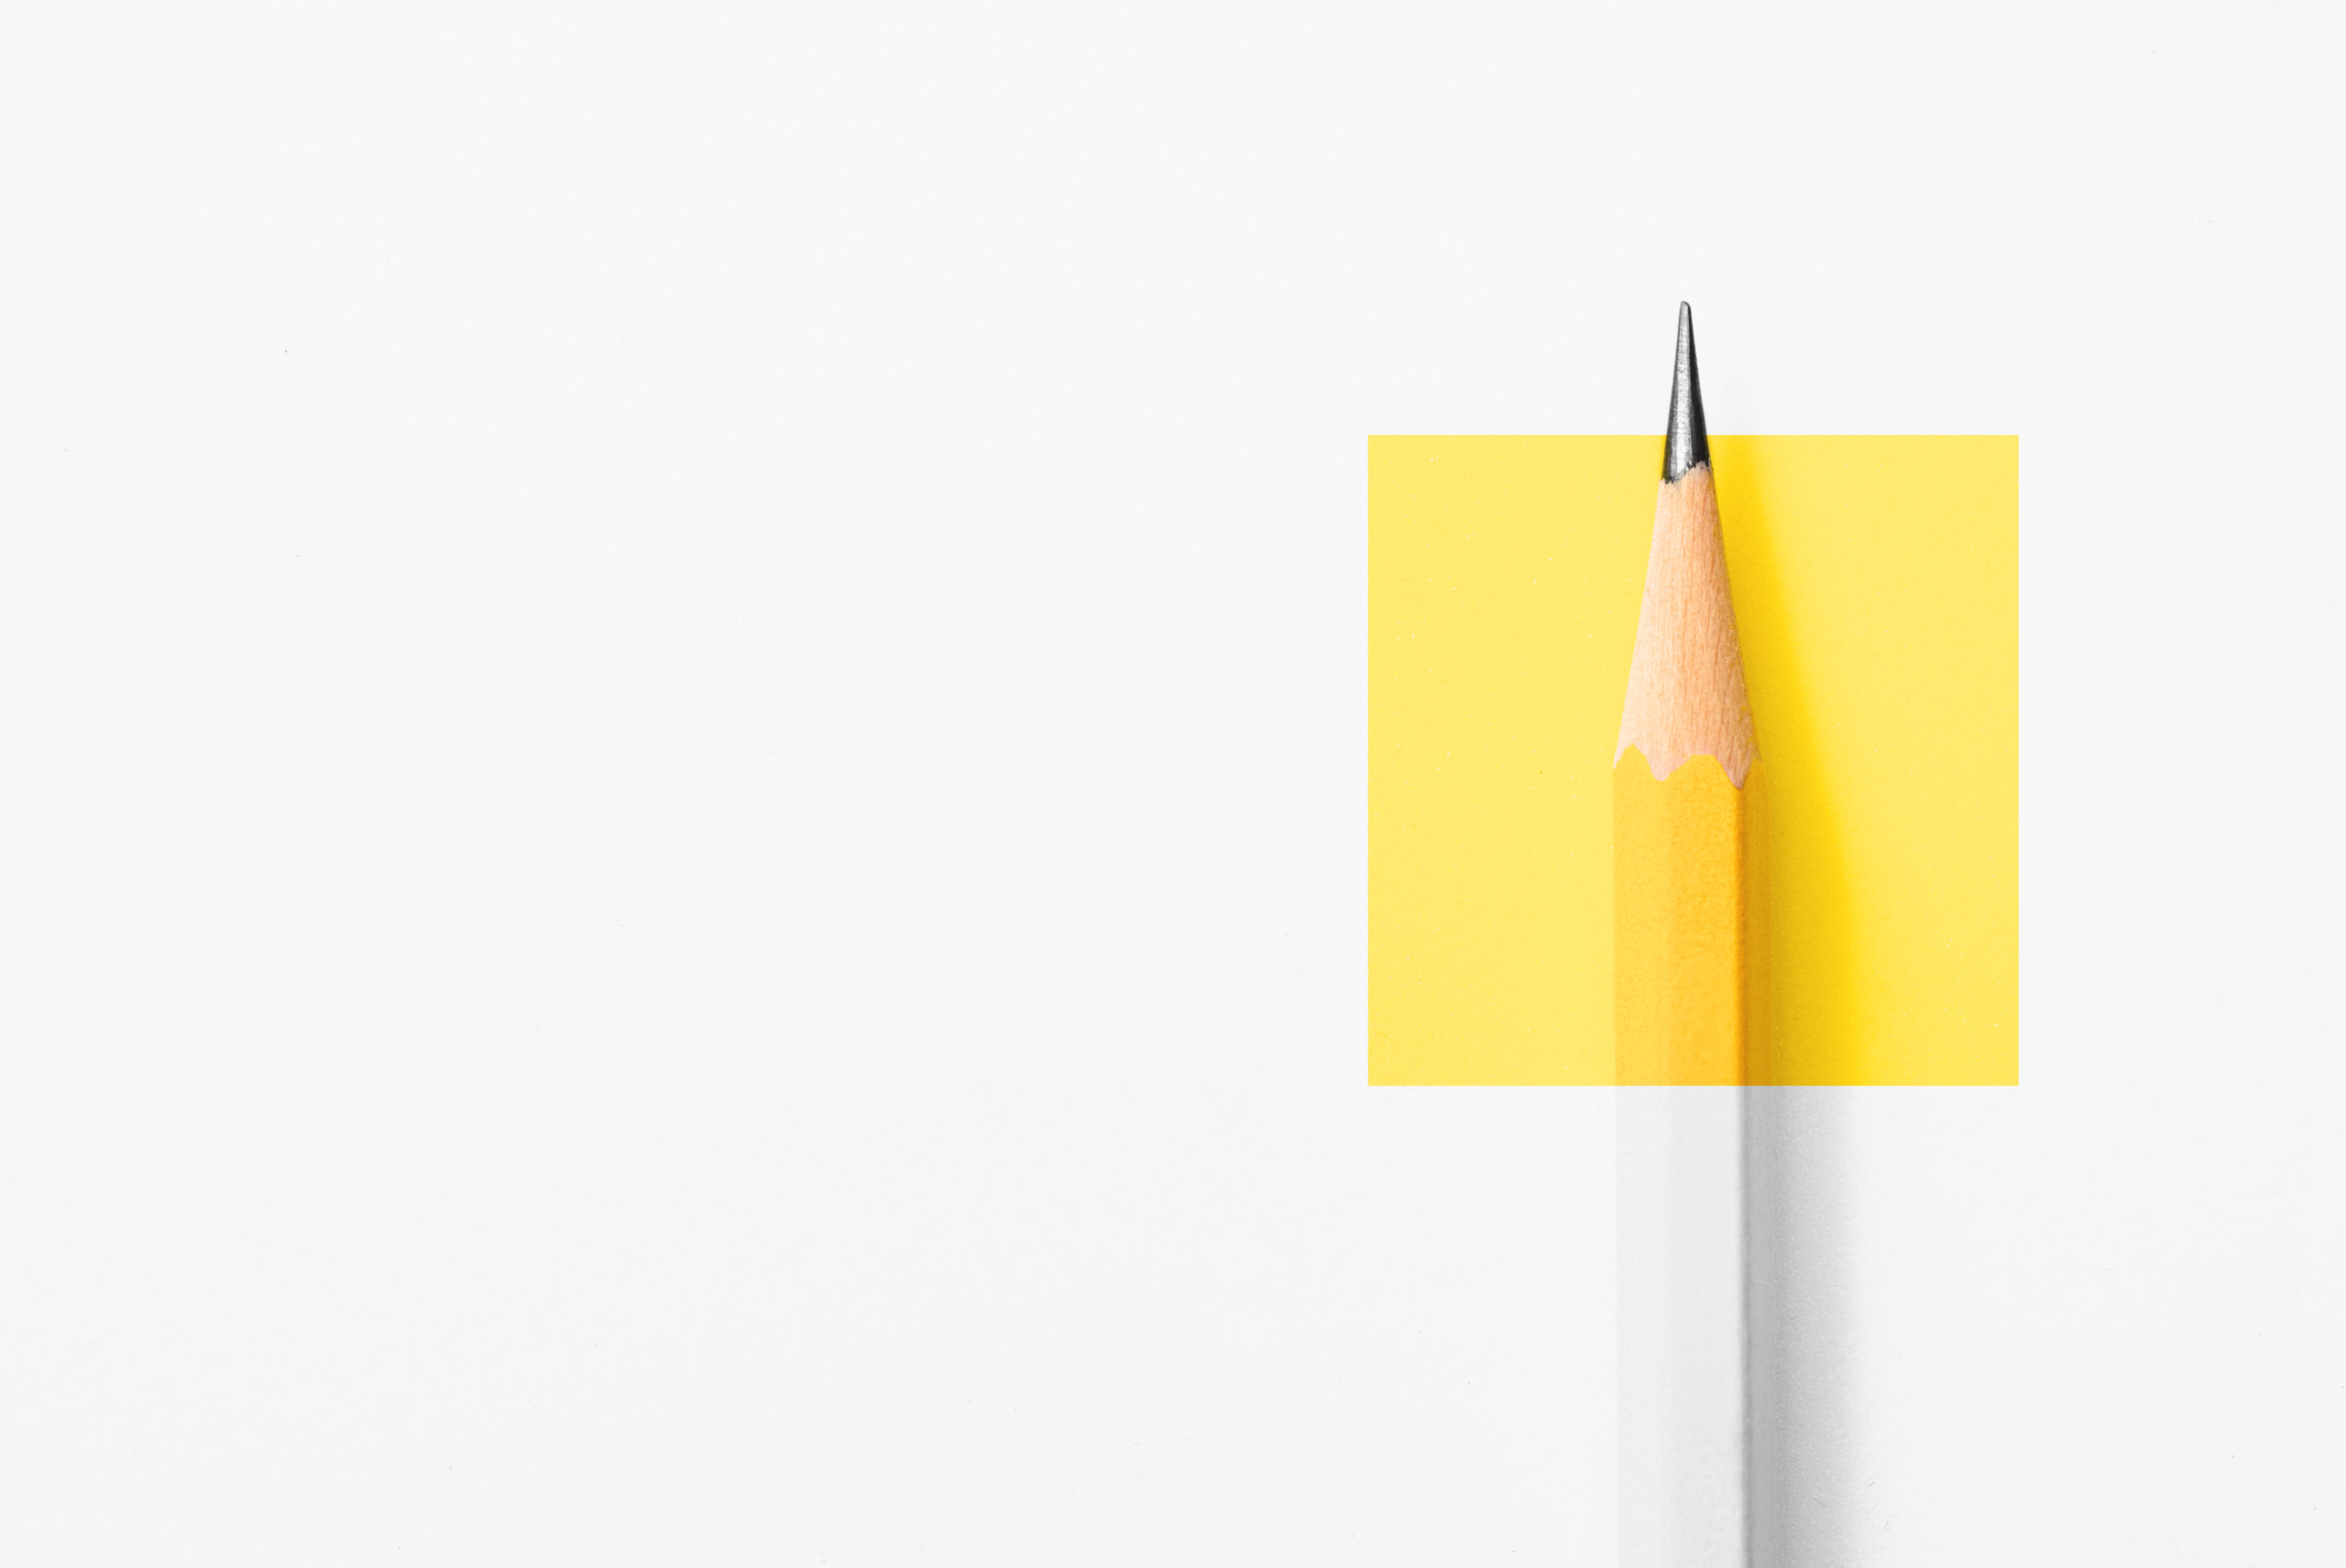 Graphic design space